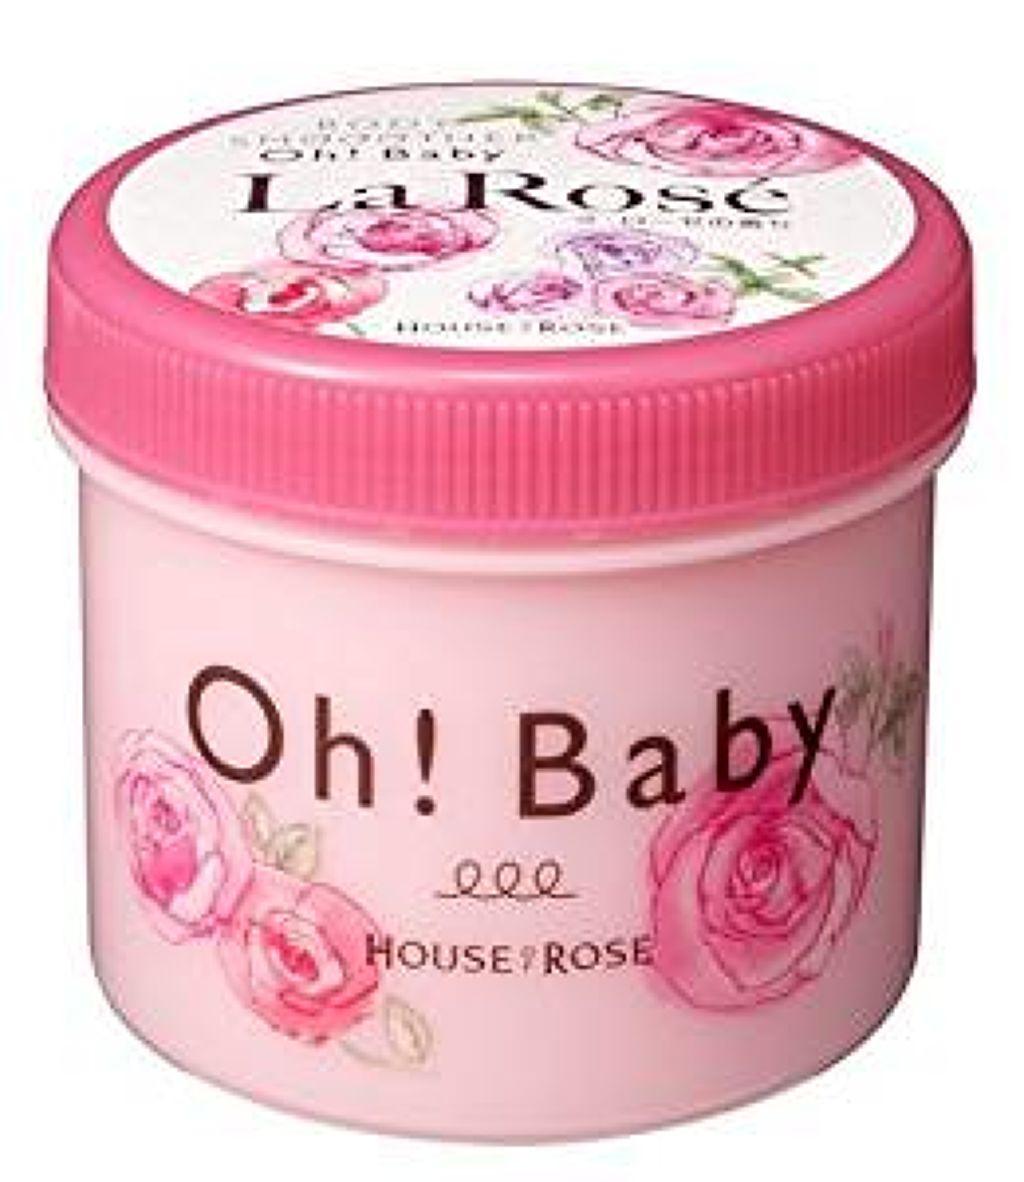 Oh! Baby ボディ スムーザー ラ・ローゼの香り